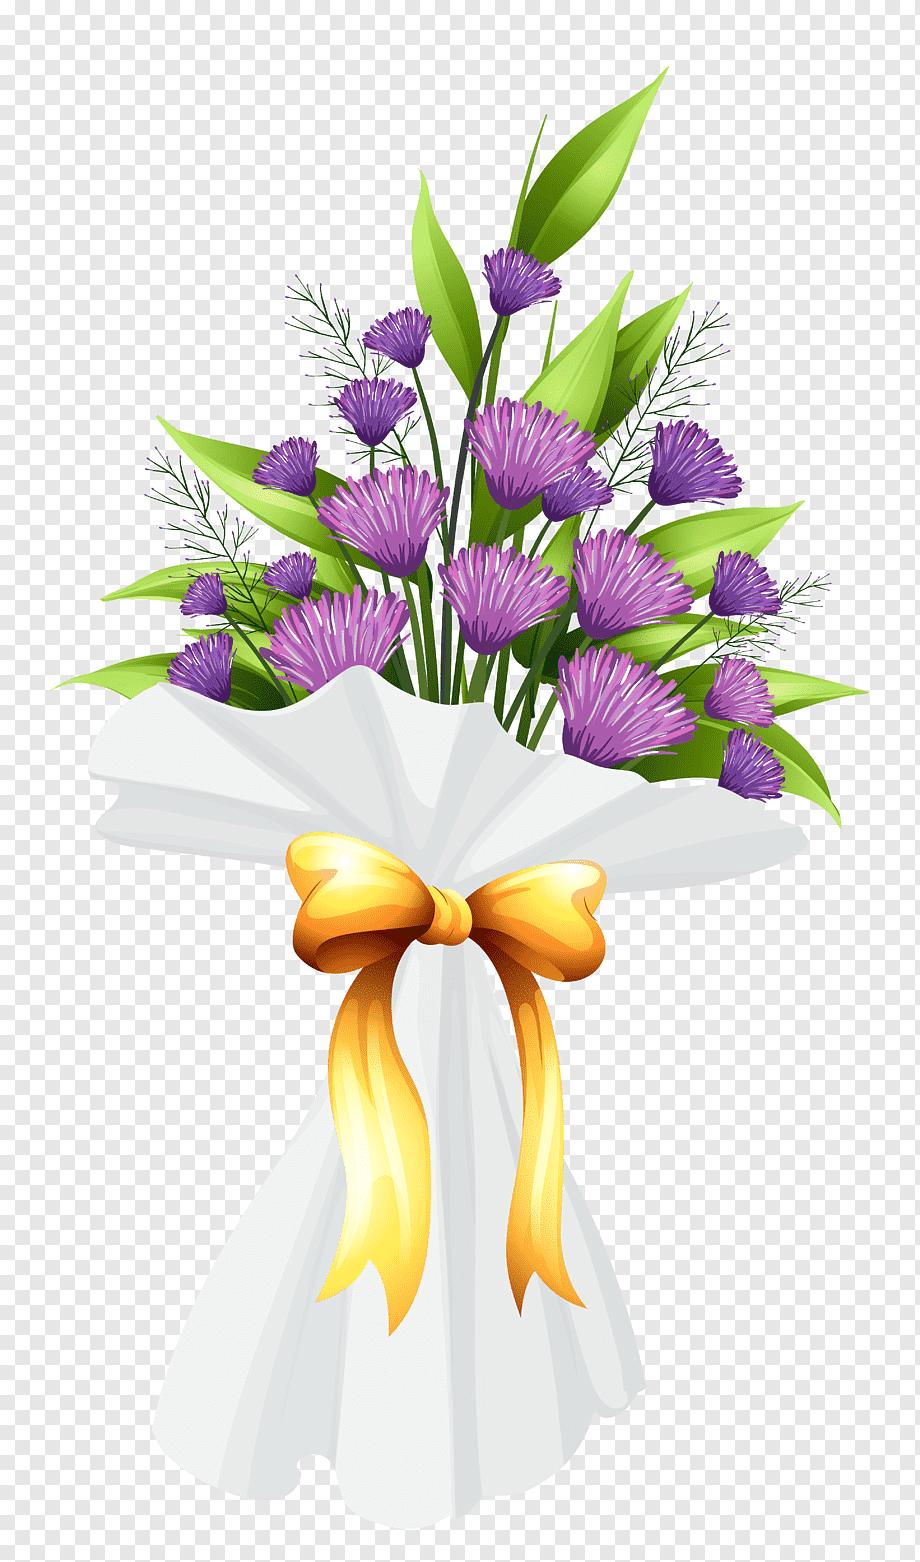 Buket Bunga Png : buket, bunga, Purple, Chrysanthemum, Flowers, Bouquet,, Floral, Design, Flower, Bouquet, Purple,, Arranging,, Violet,, Wedding, PNGWing